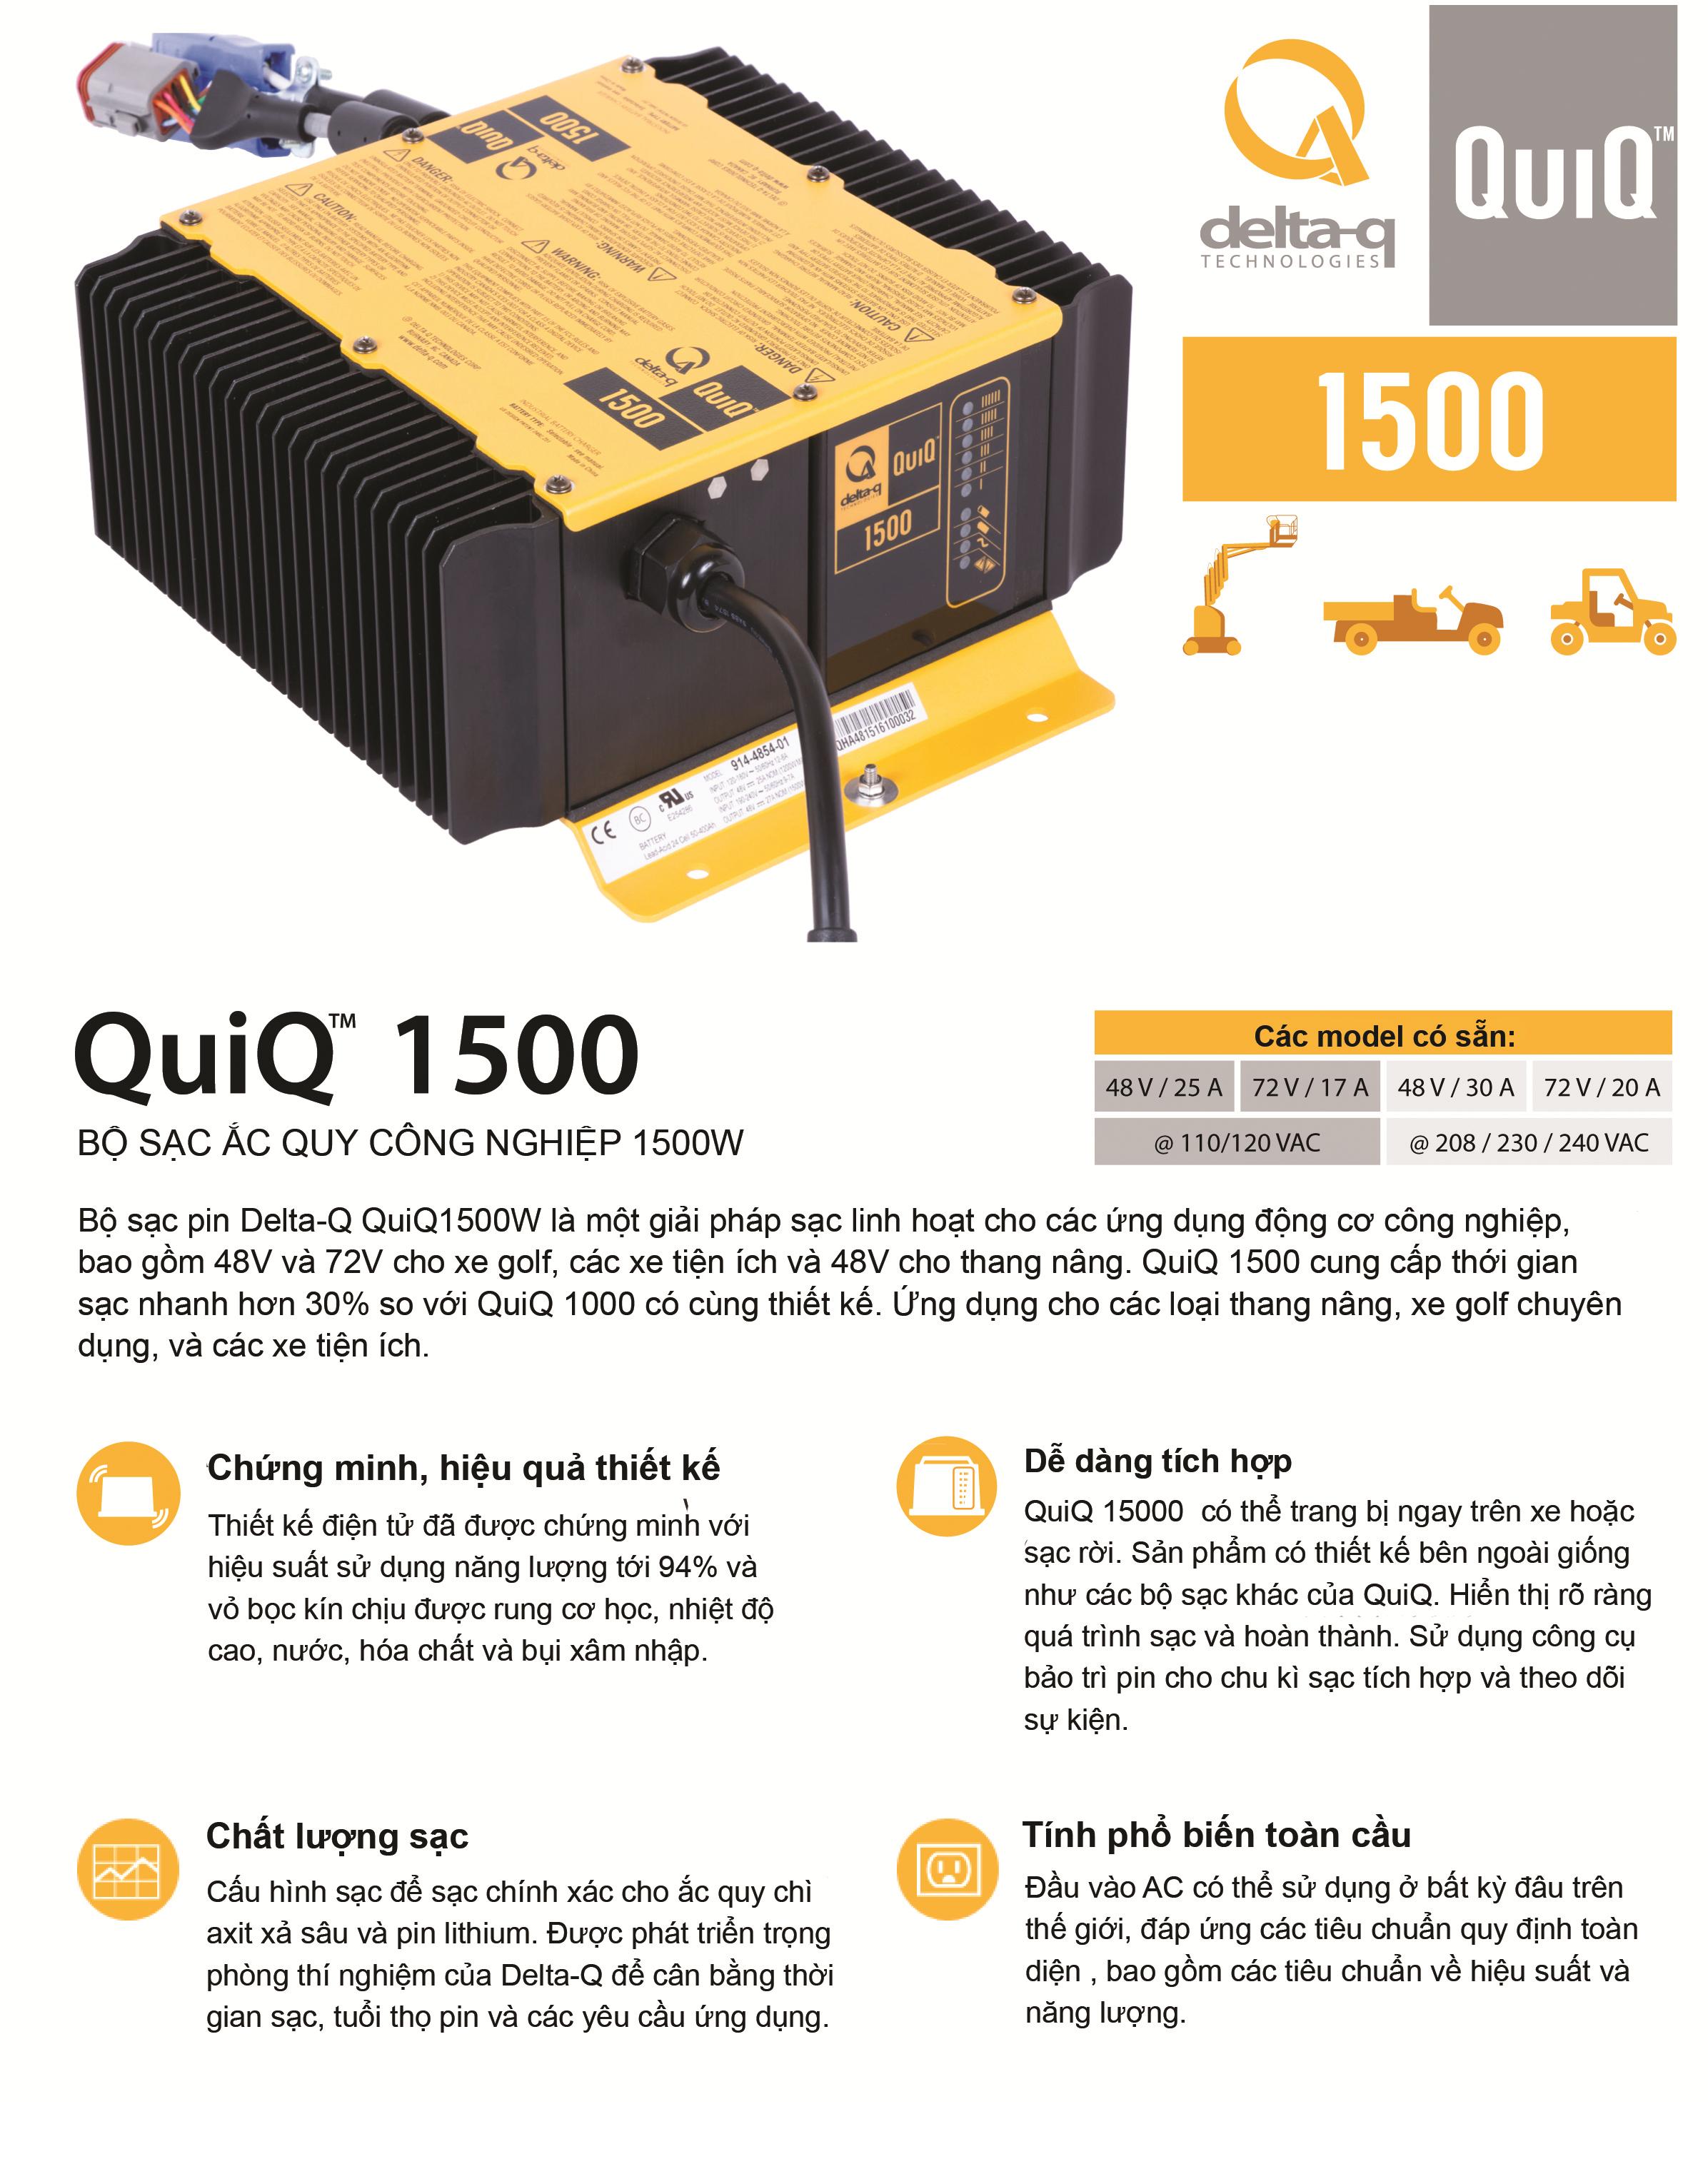 máy sạc delta Q (Quiq 1500)